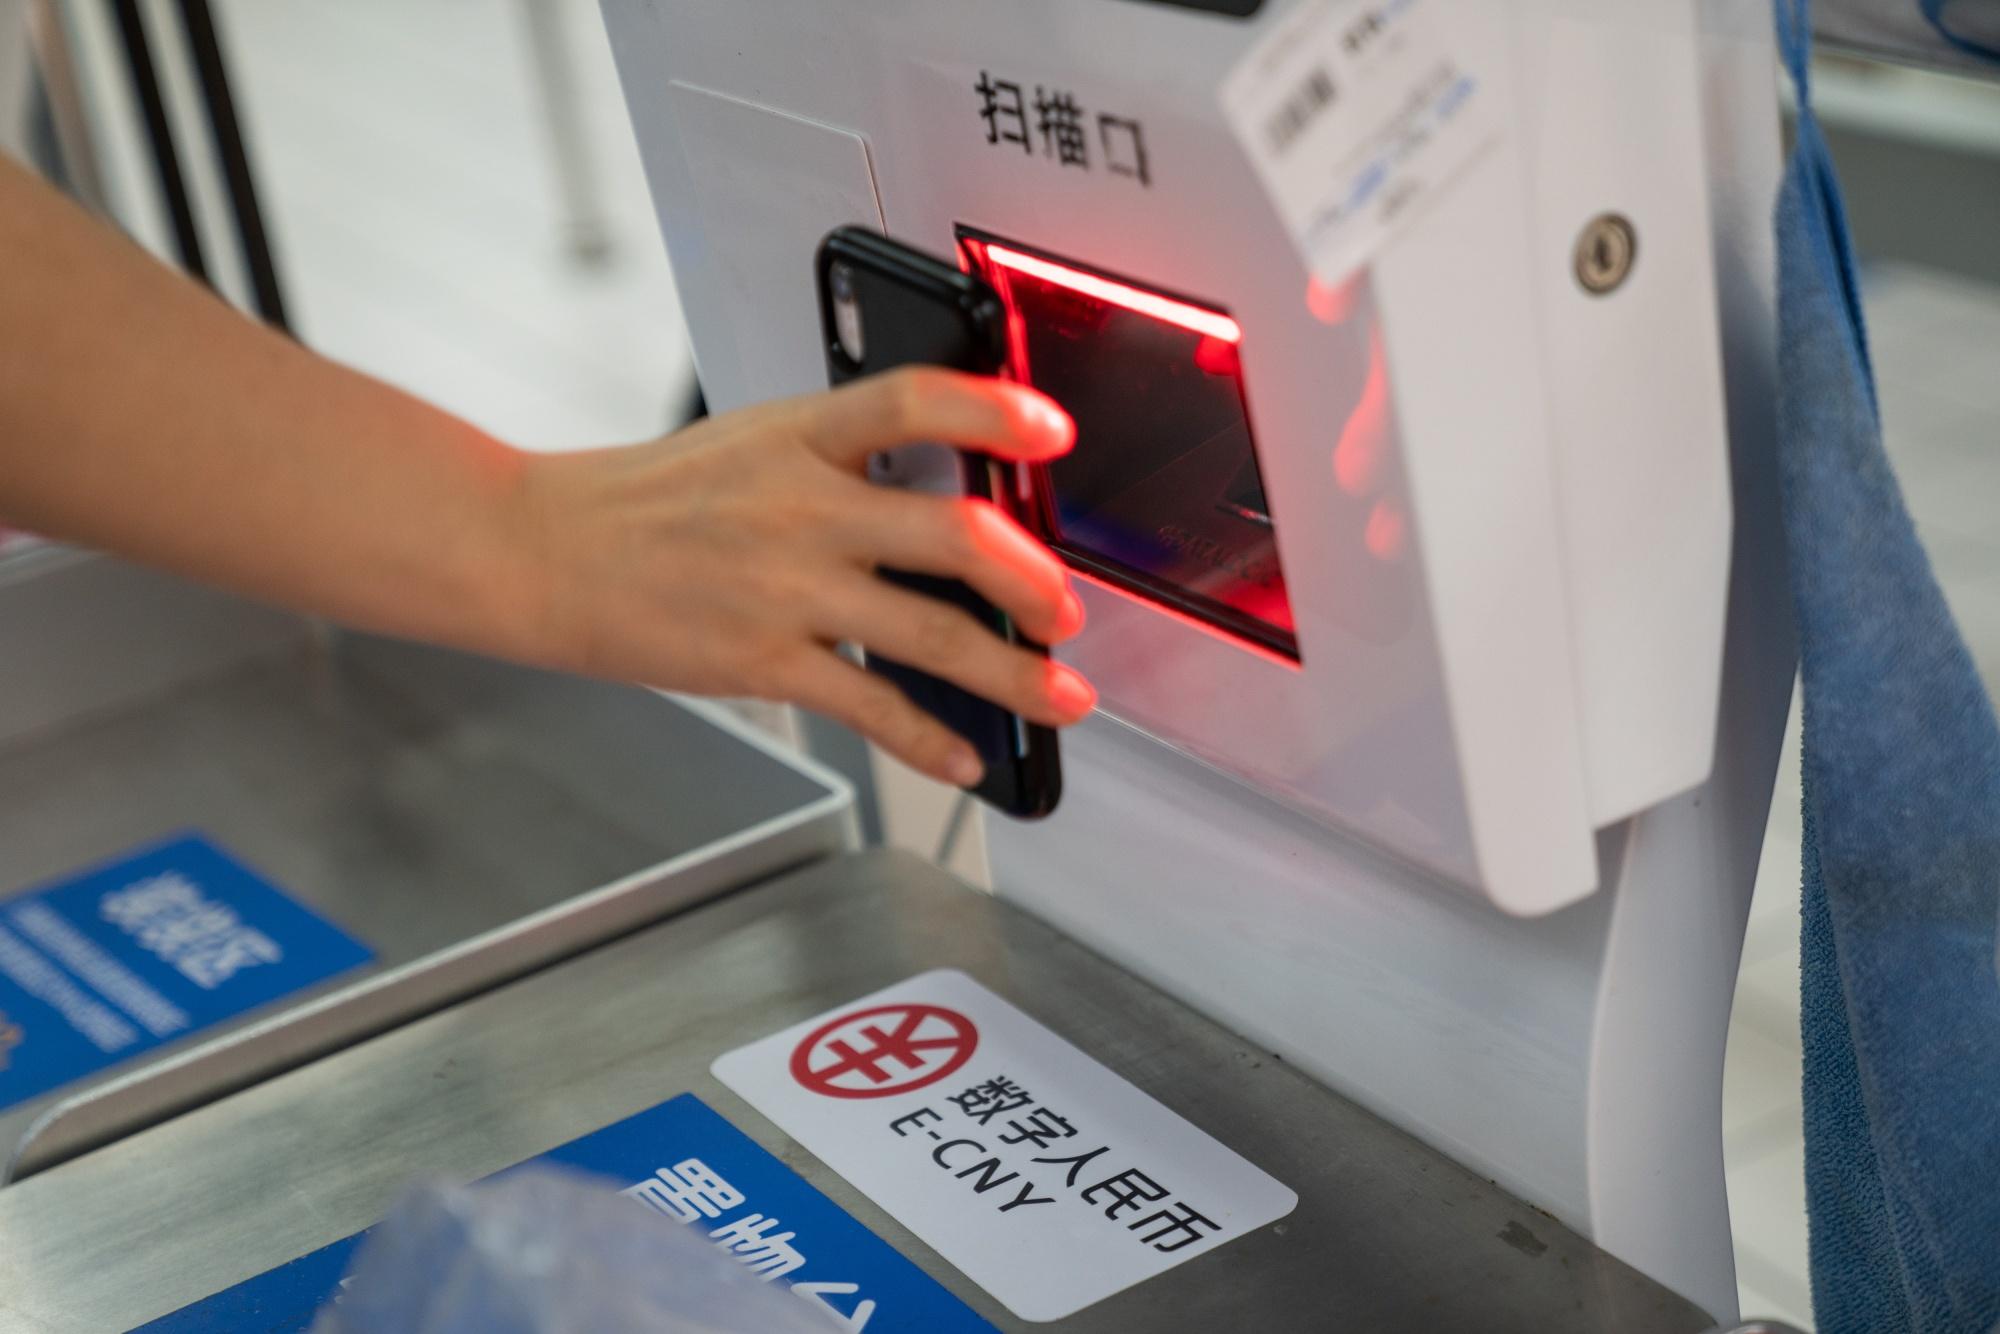 China Trials Digital Yuan